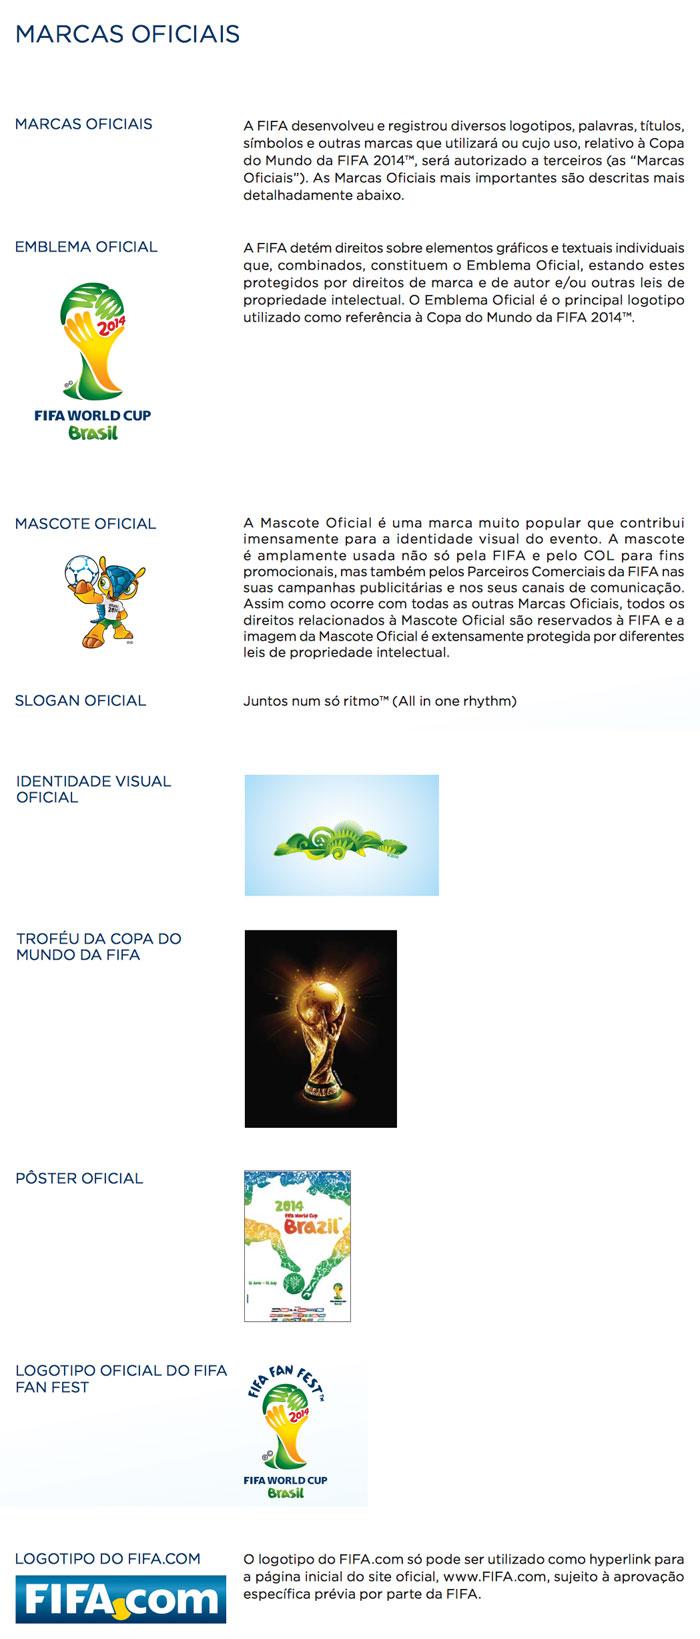 Marcas Oficiais da Copa do Mundo da FIFA no Brasil em 2014